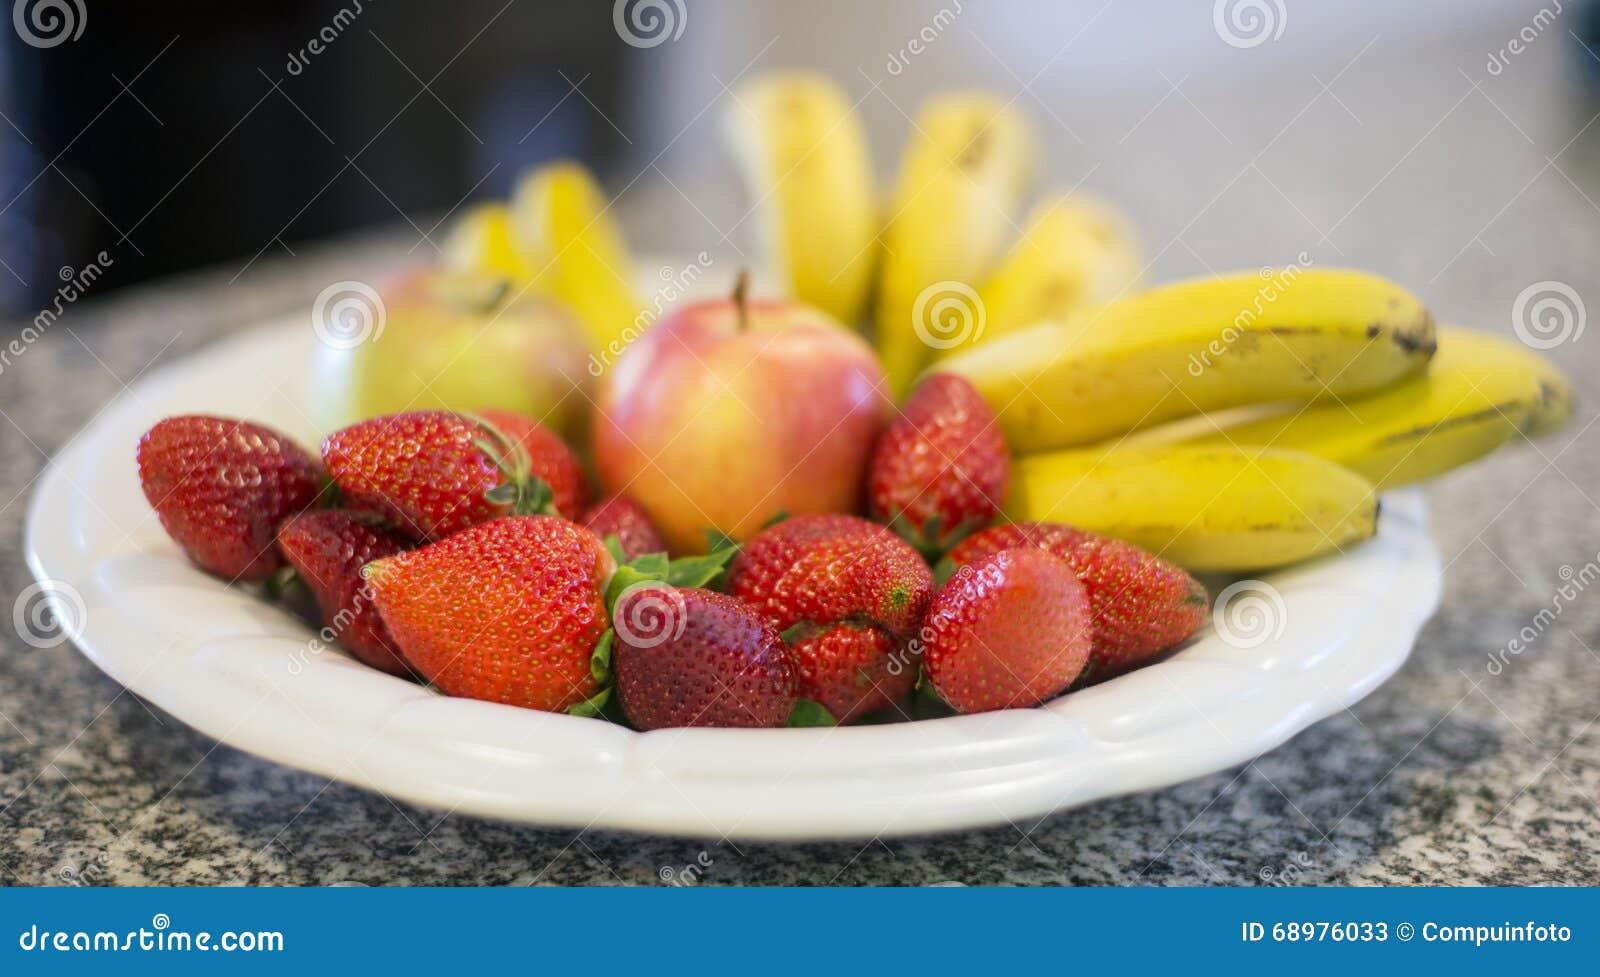 Fresas y plátano